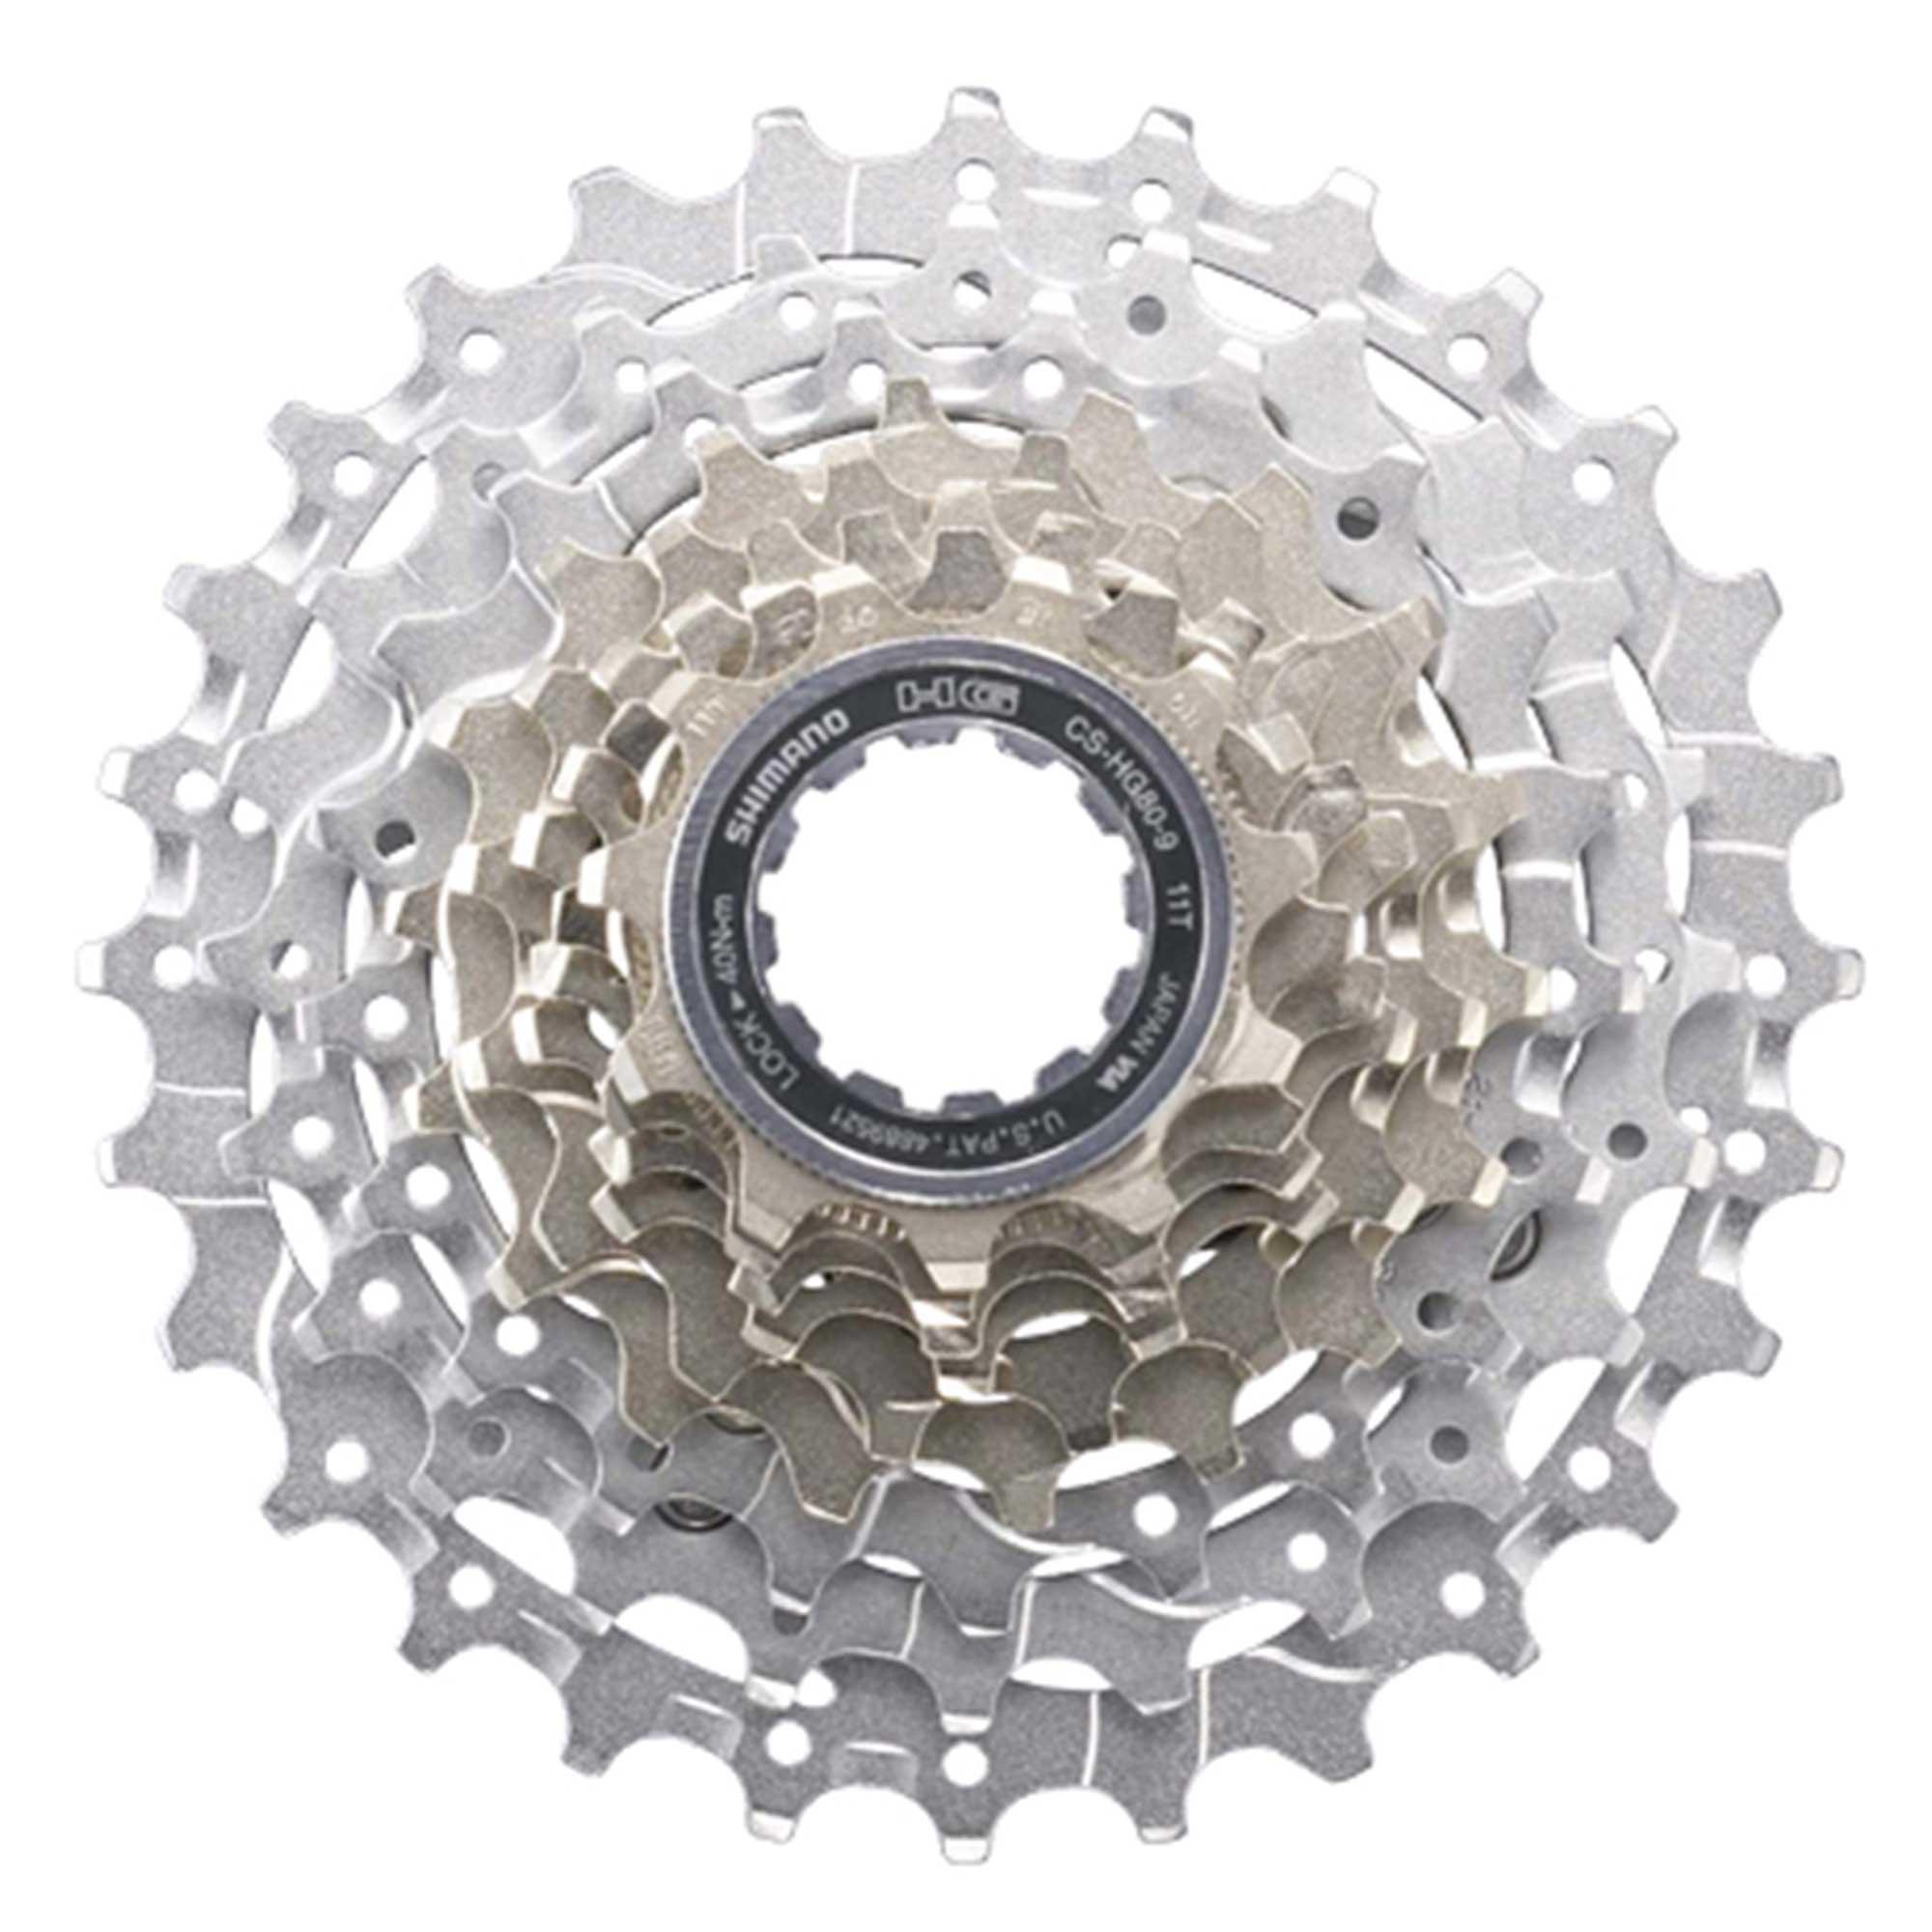 SHIMANO CS-HG50 8 Speed Road MTB Road Bike Rear Gear Sprocket  Cassette 11-30T